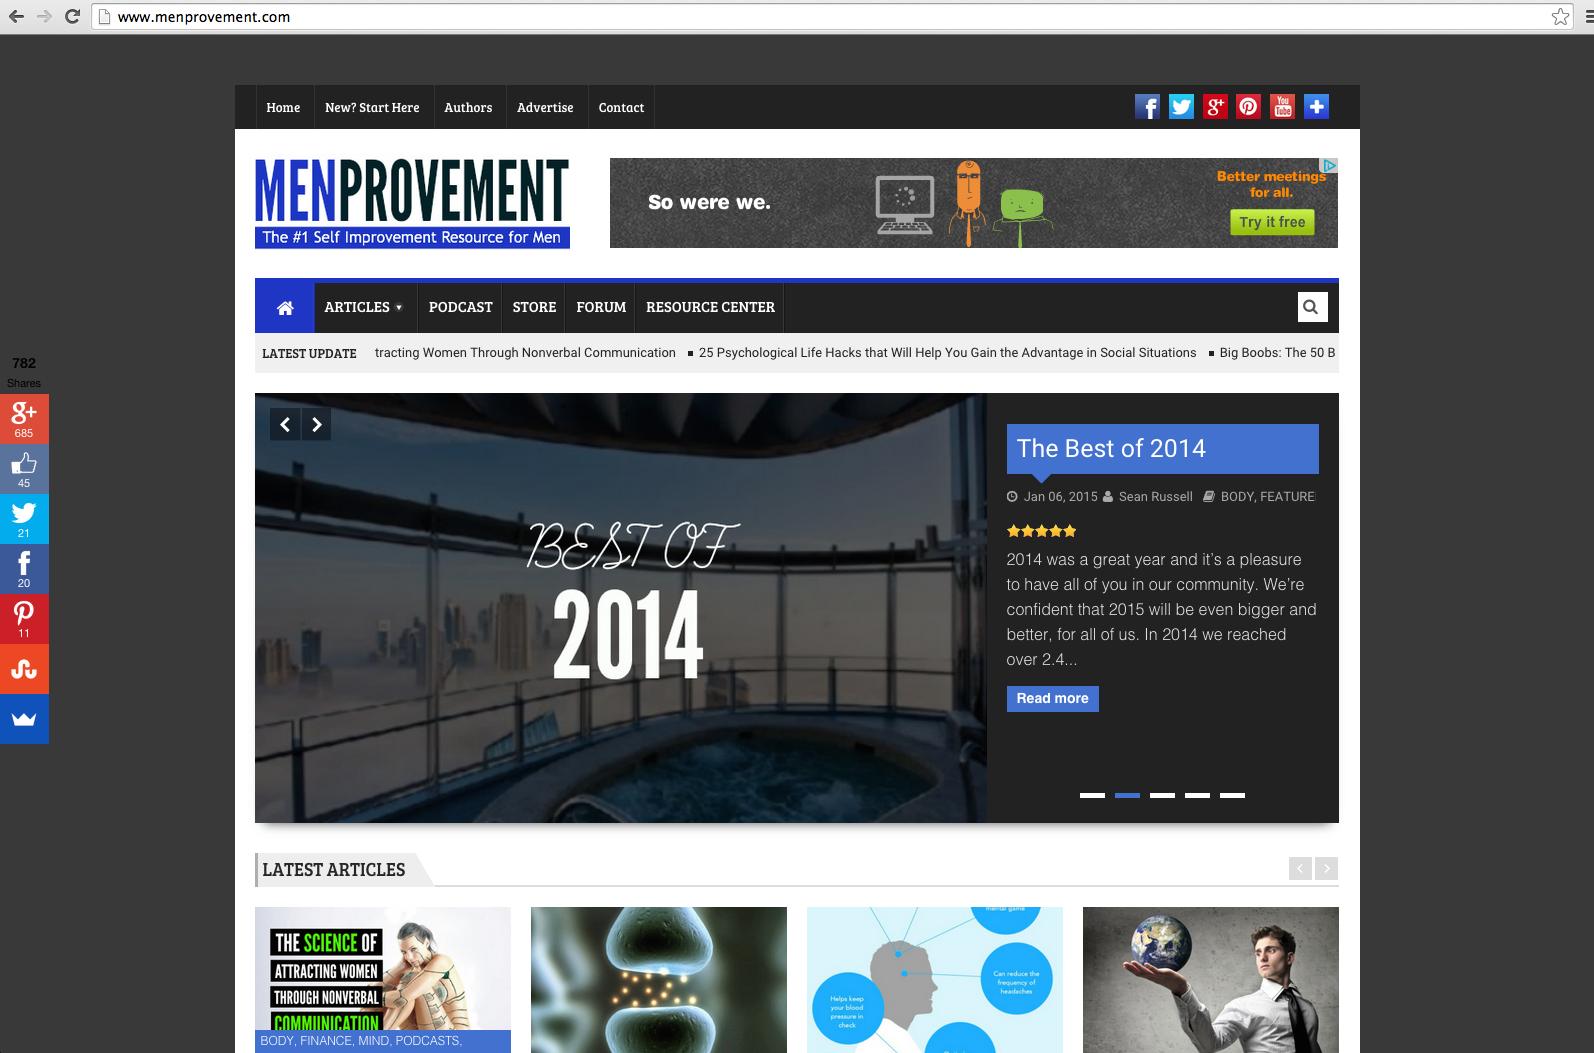 menprovement.com